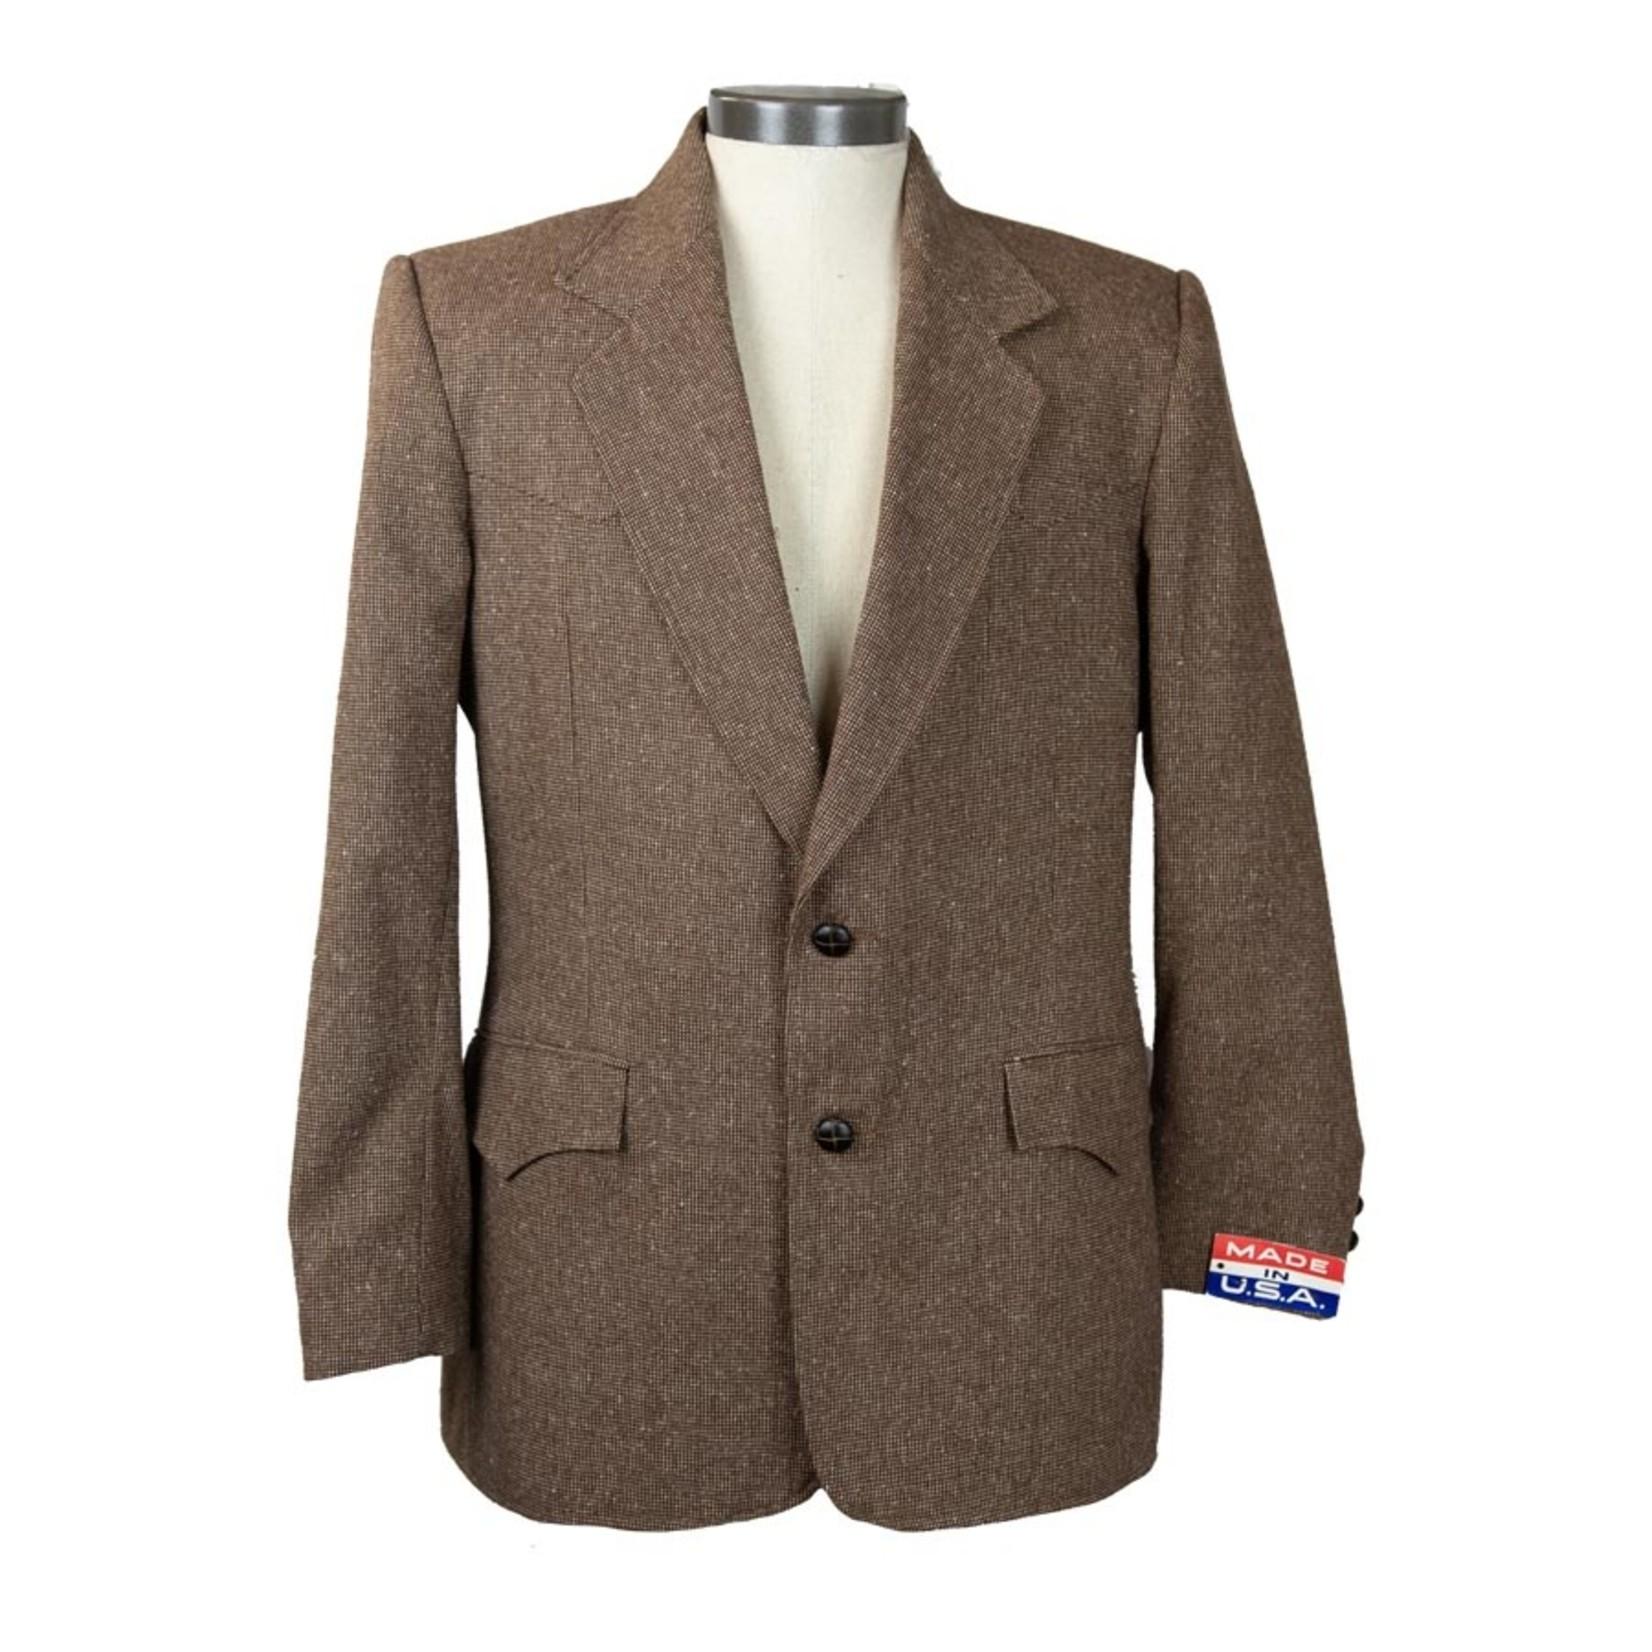 Pioneer Wear Wool Blend Vintage Suit Jacket - Size 40 - #30